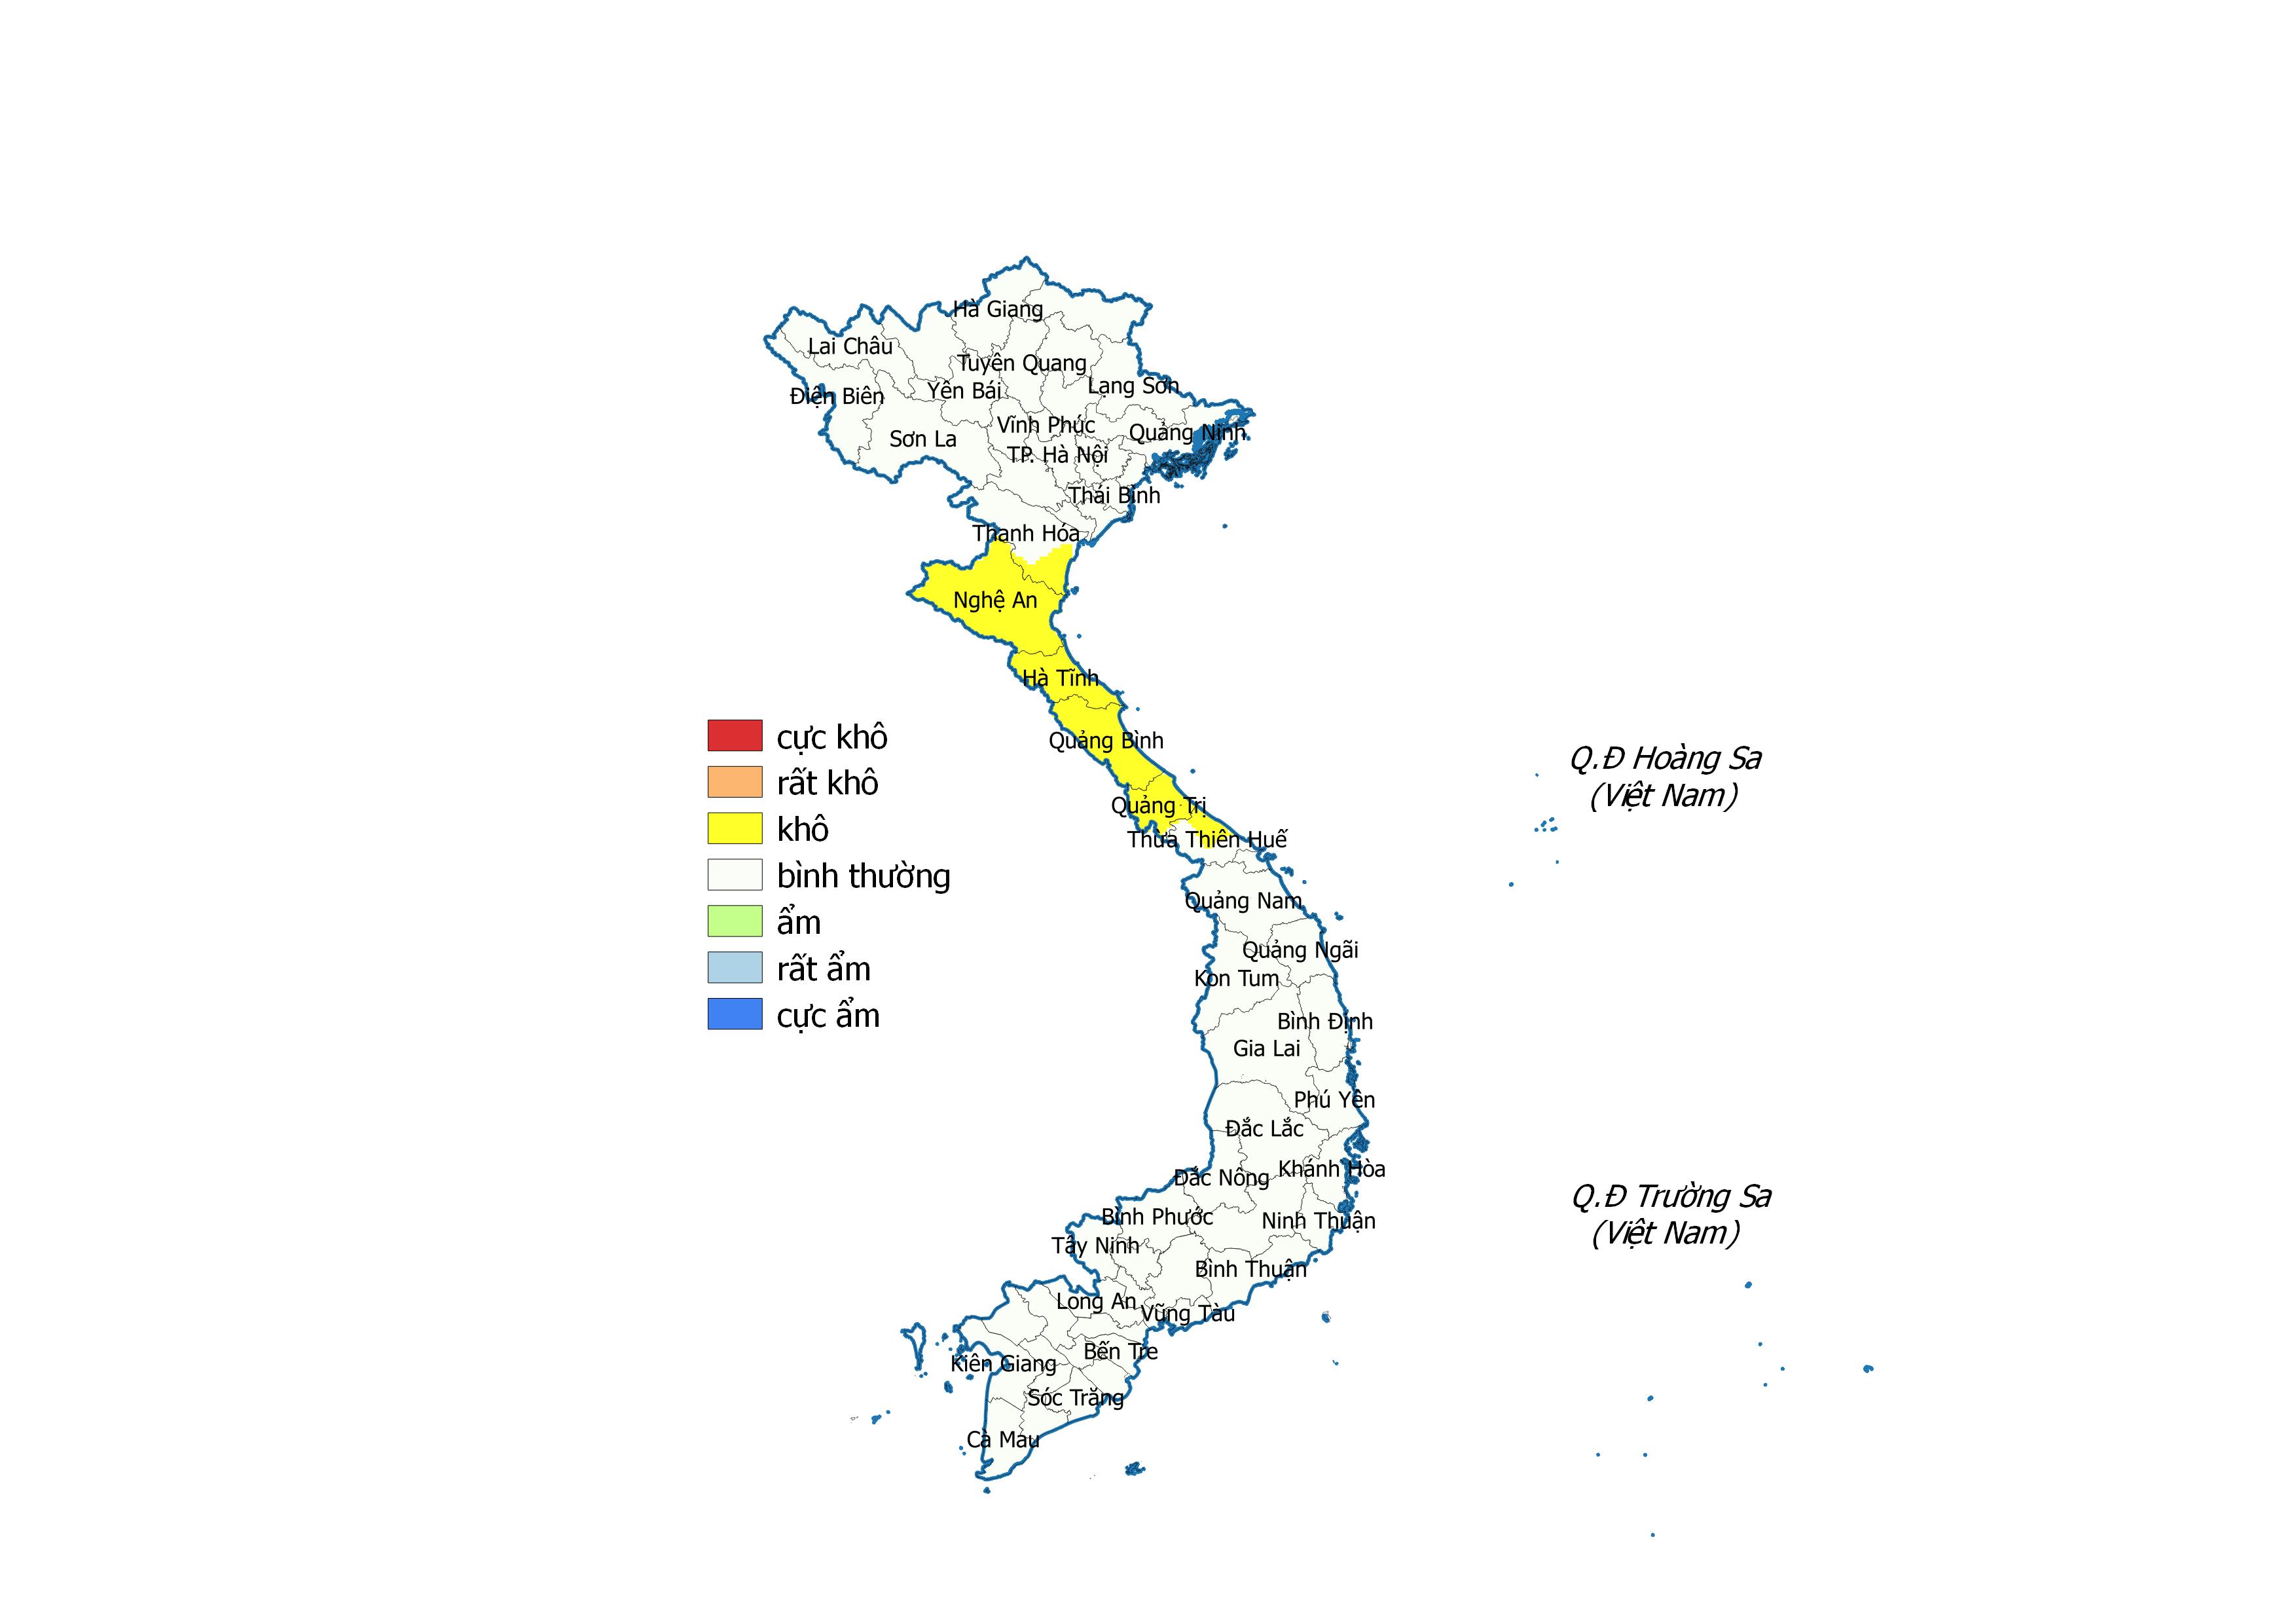 Bản tin dự báo, cảnh báo hạn khí tượng tại các vùng trên cả nước từ ngày 24/6-21/7/2020